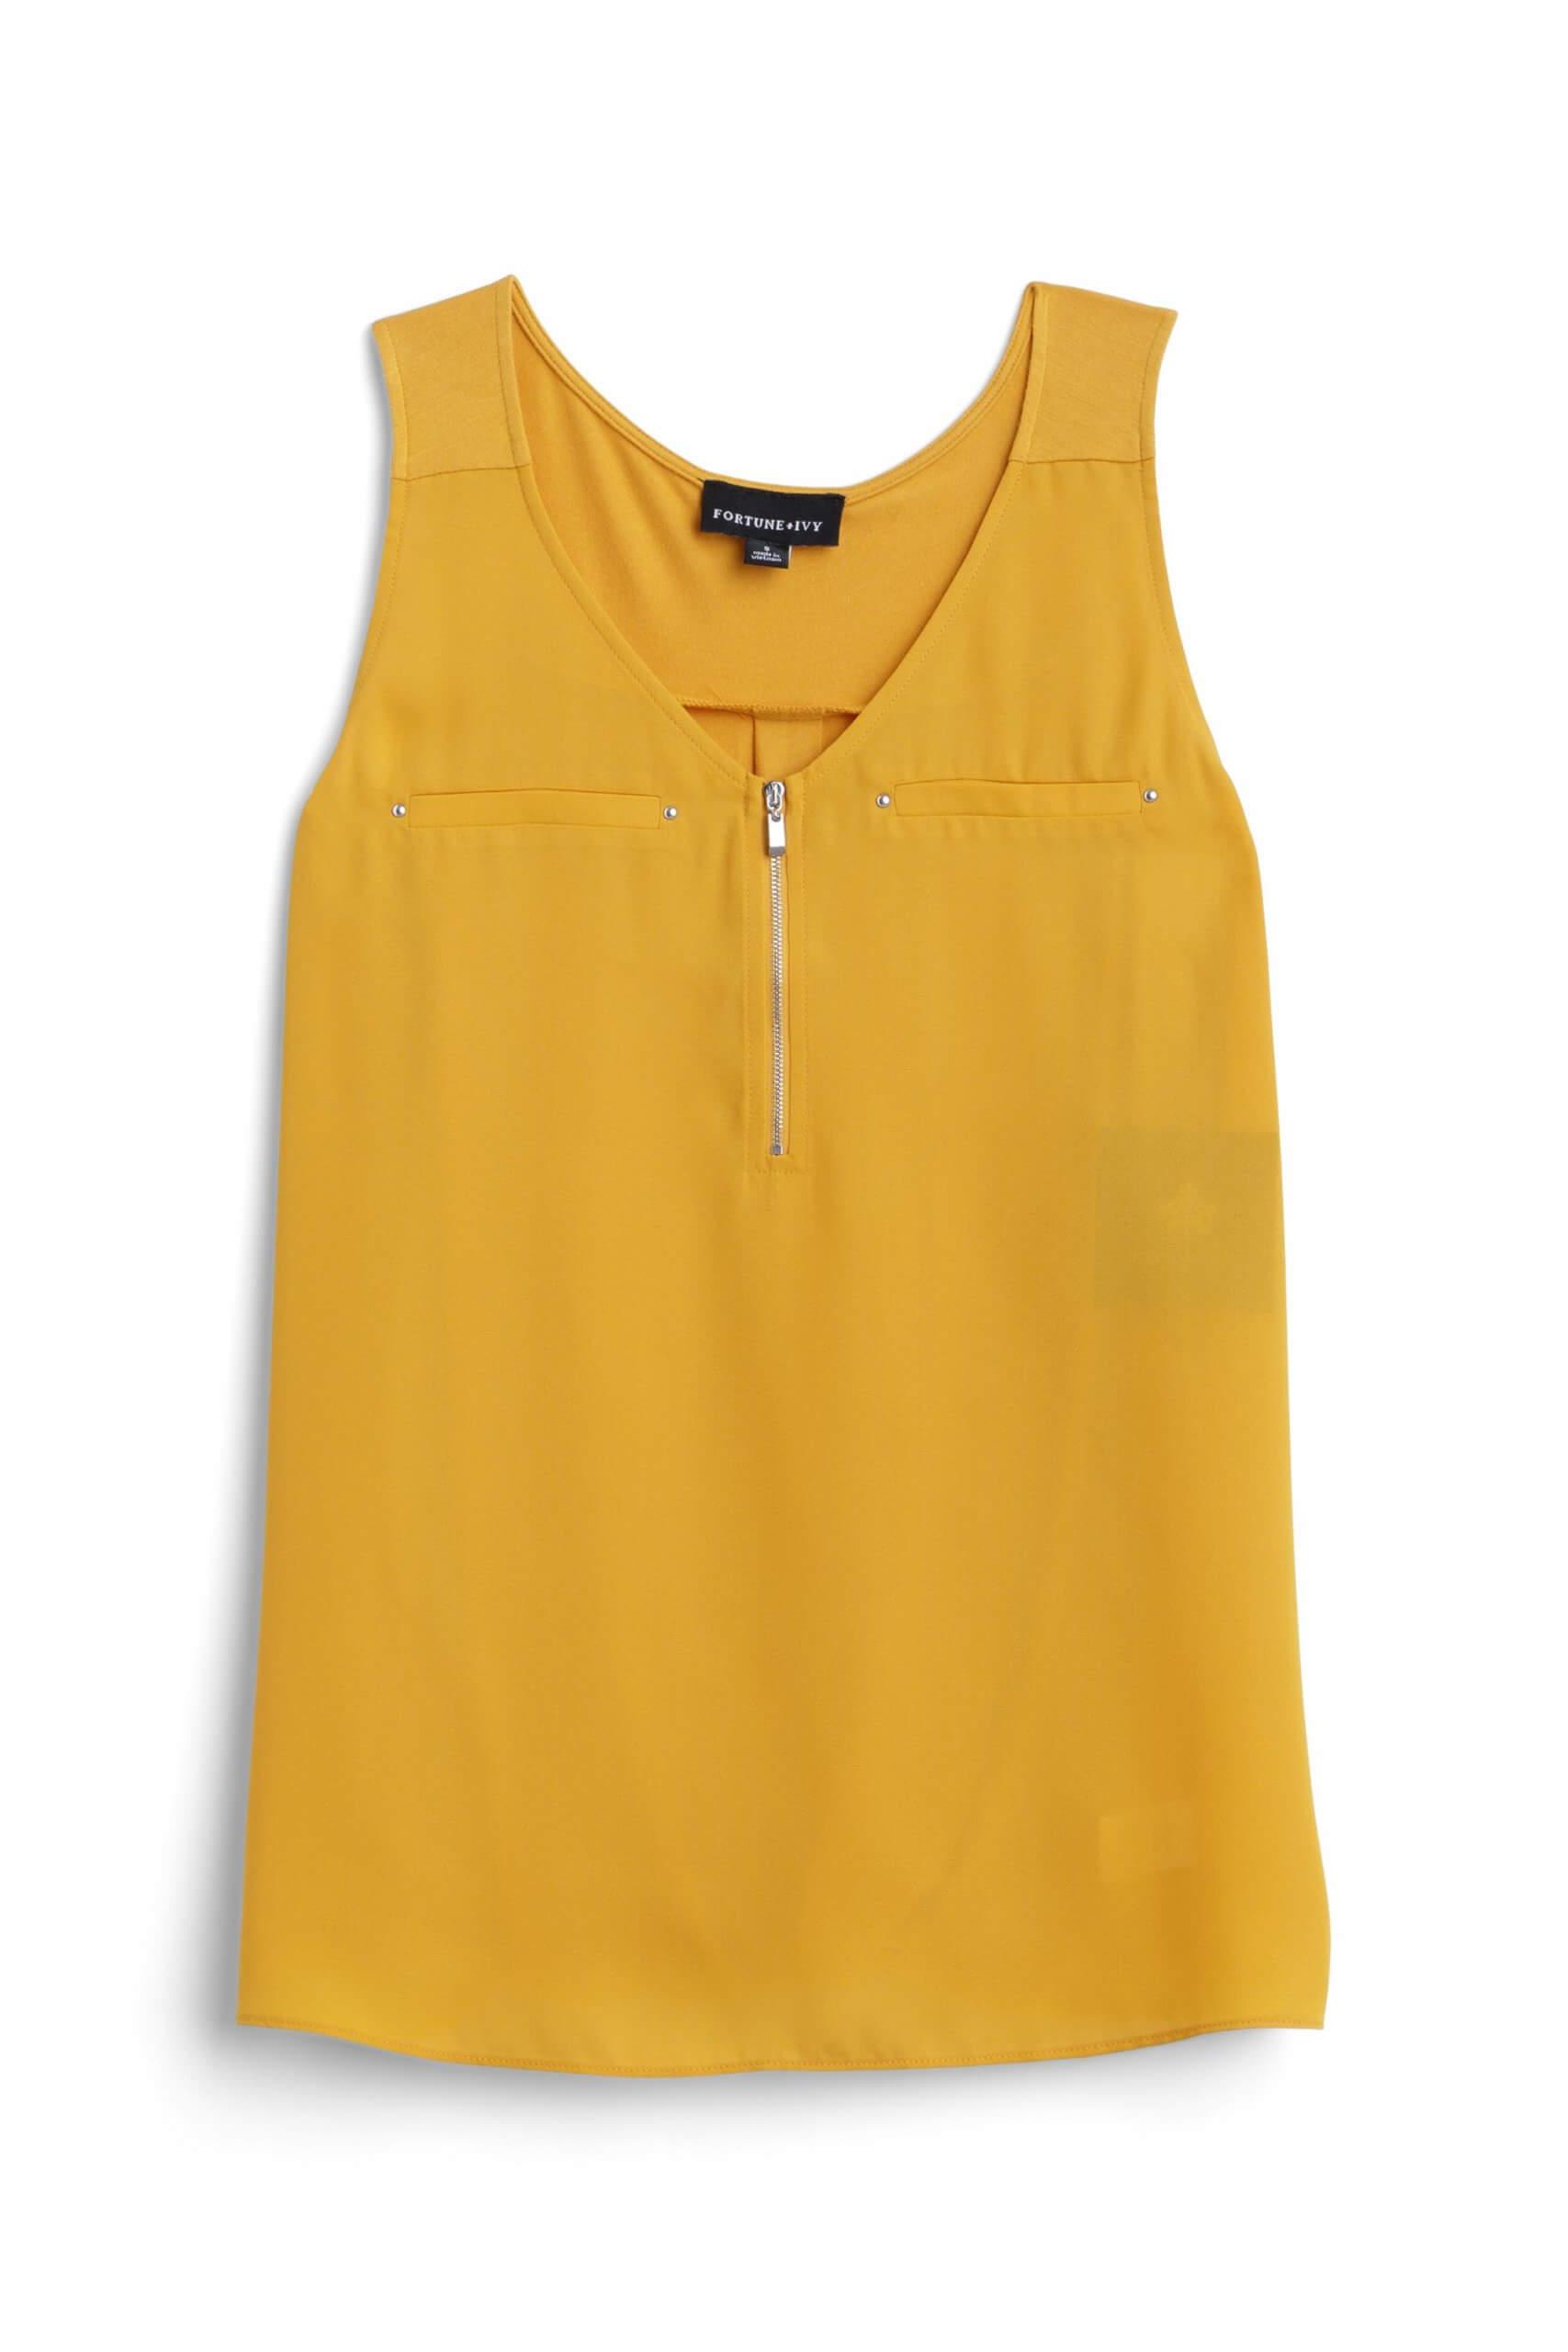 Stitch Fix Women's mustard zipper detail blouse.